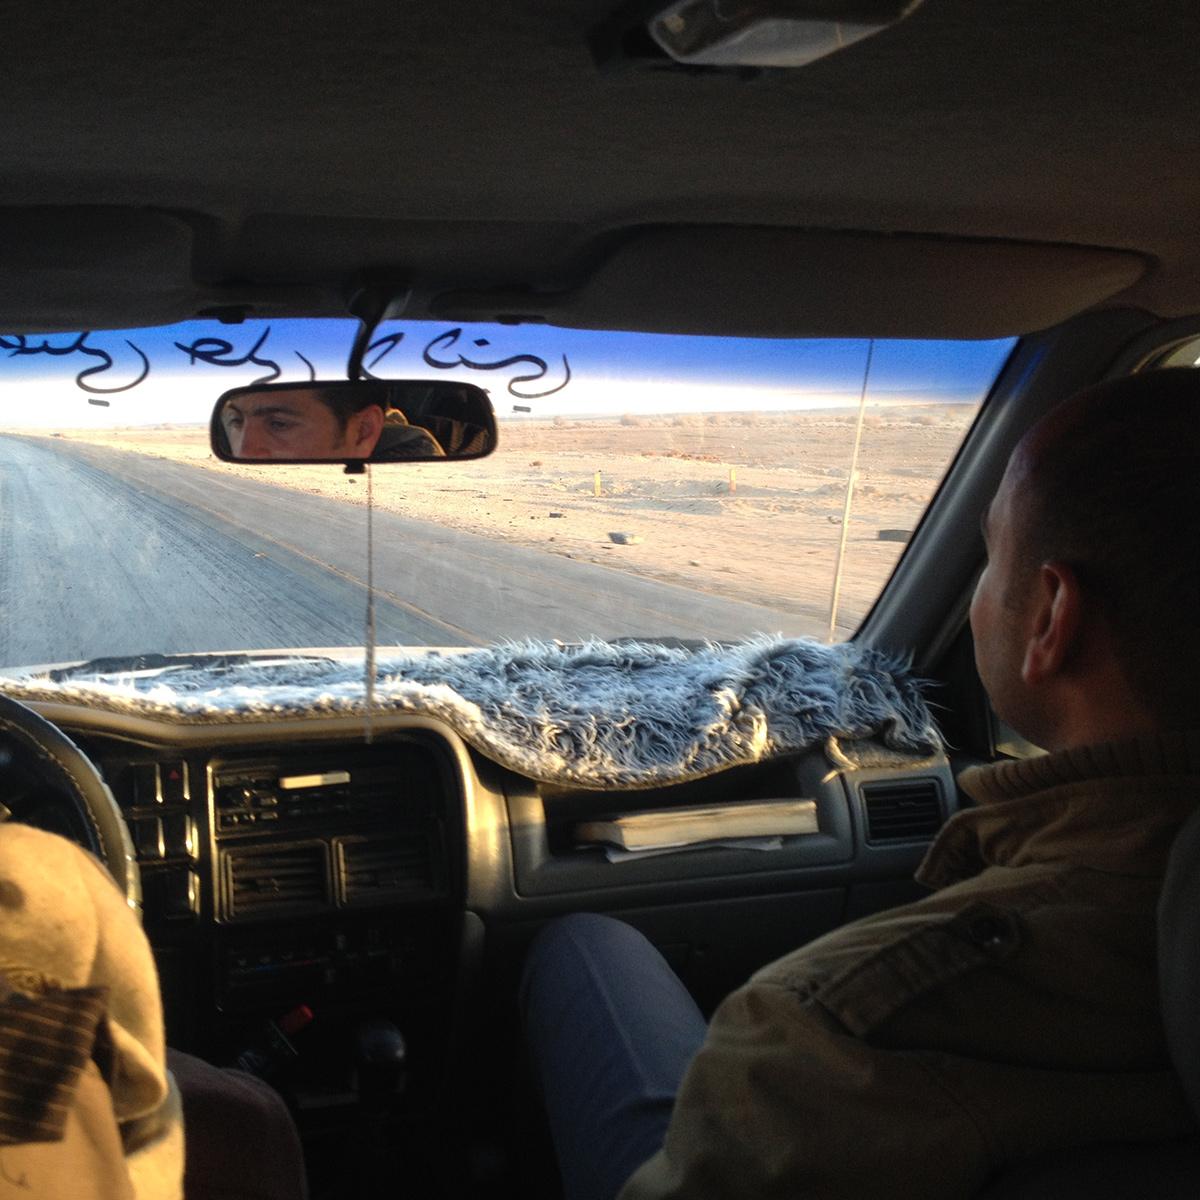 Petra-drone-tournage-01.jpg